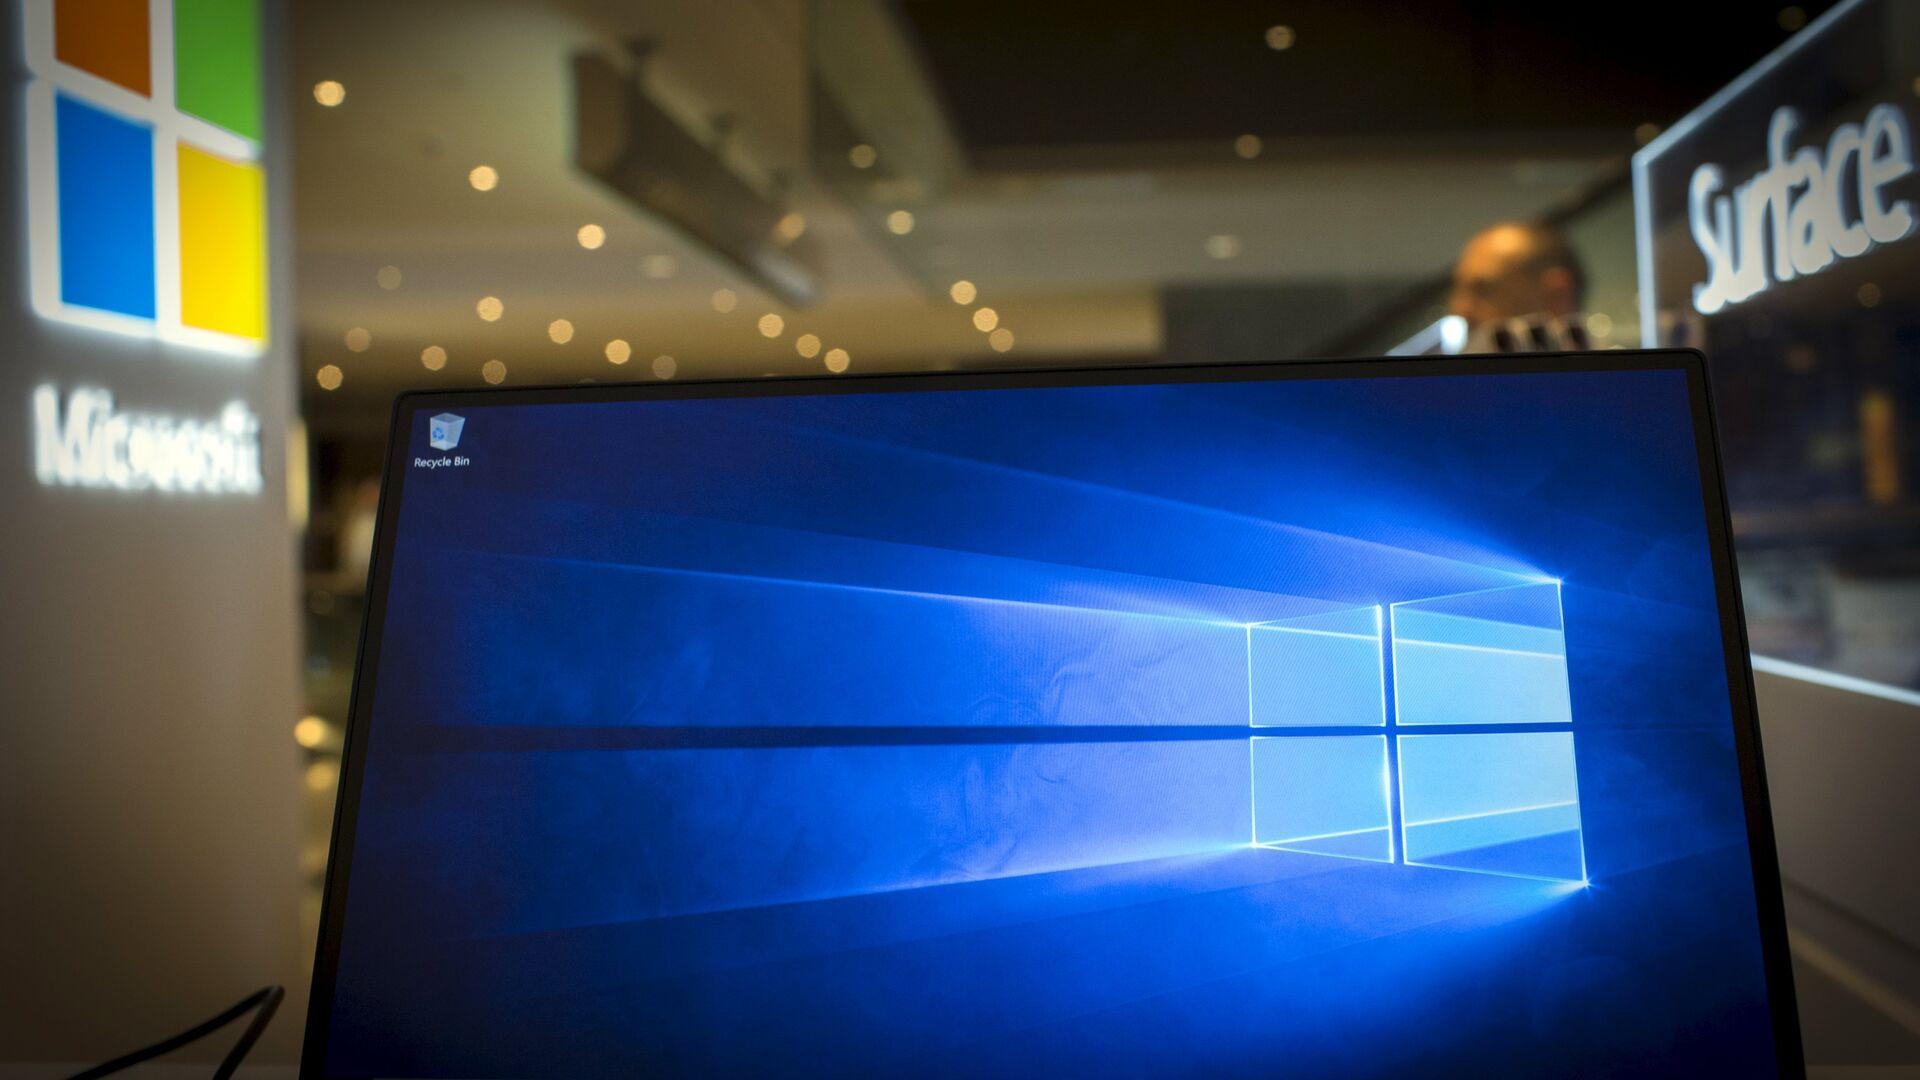 Microsoft Windows 10 - Sputnik Česká republika, 1920, 16.09.2021